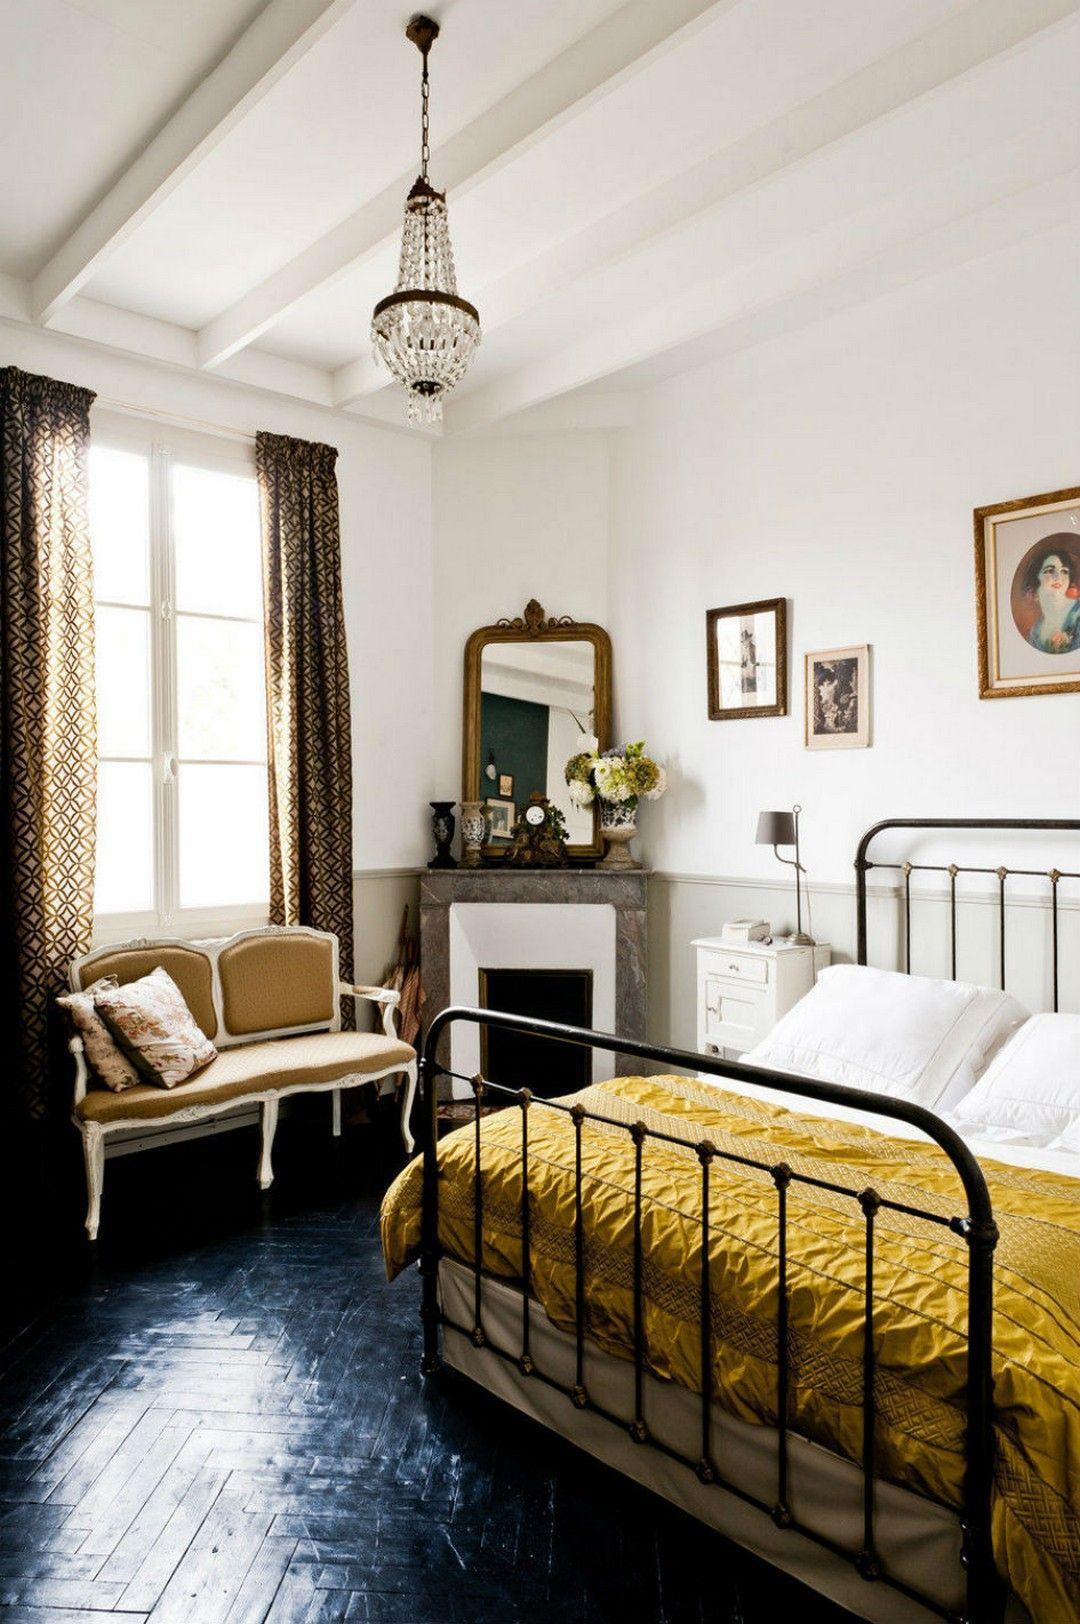 15 ý tưởng màu sắc phòng ngủ theo phong cách cổ điển ngọt ngào - Ảnh 12.